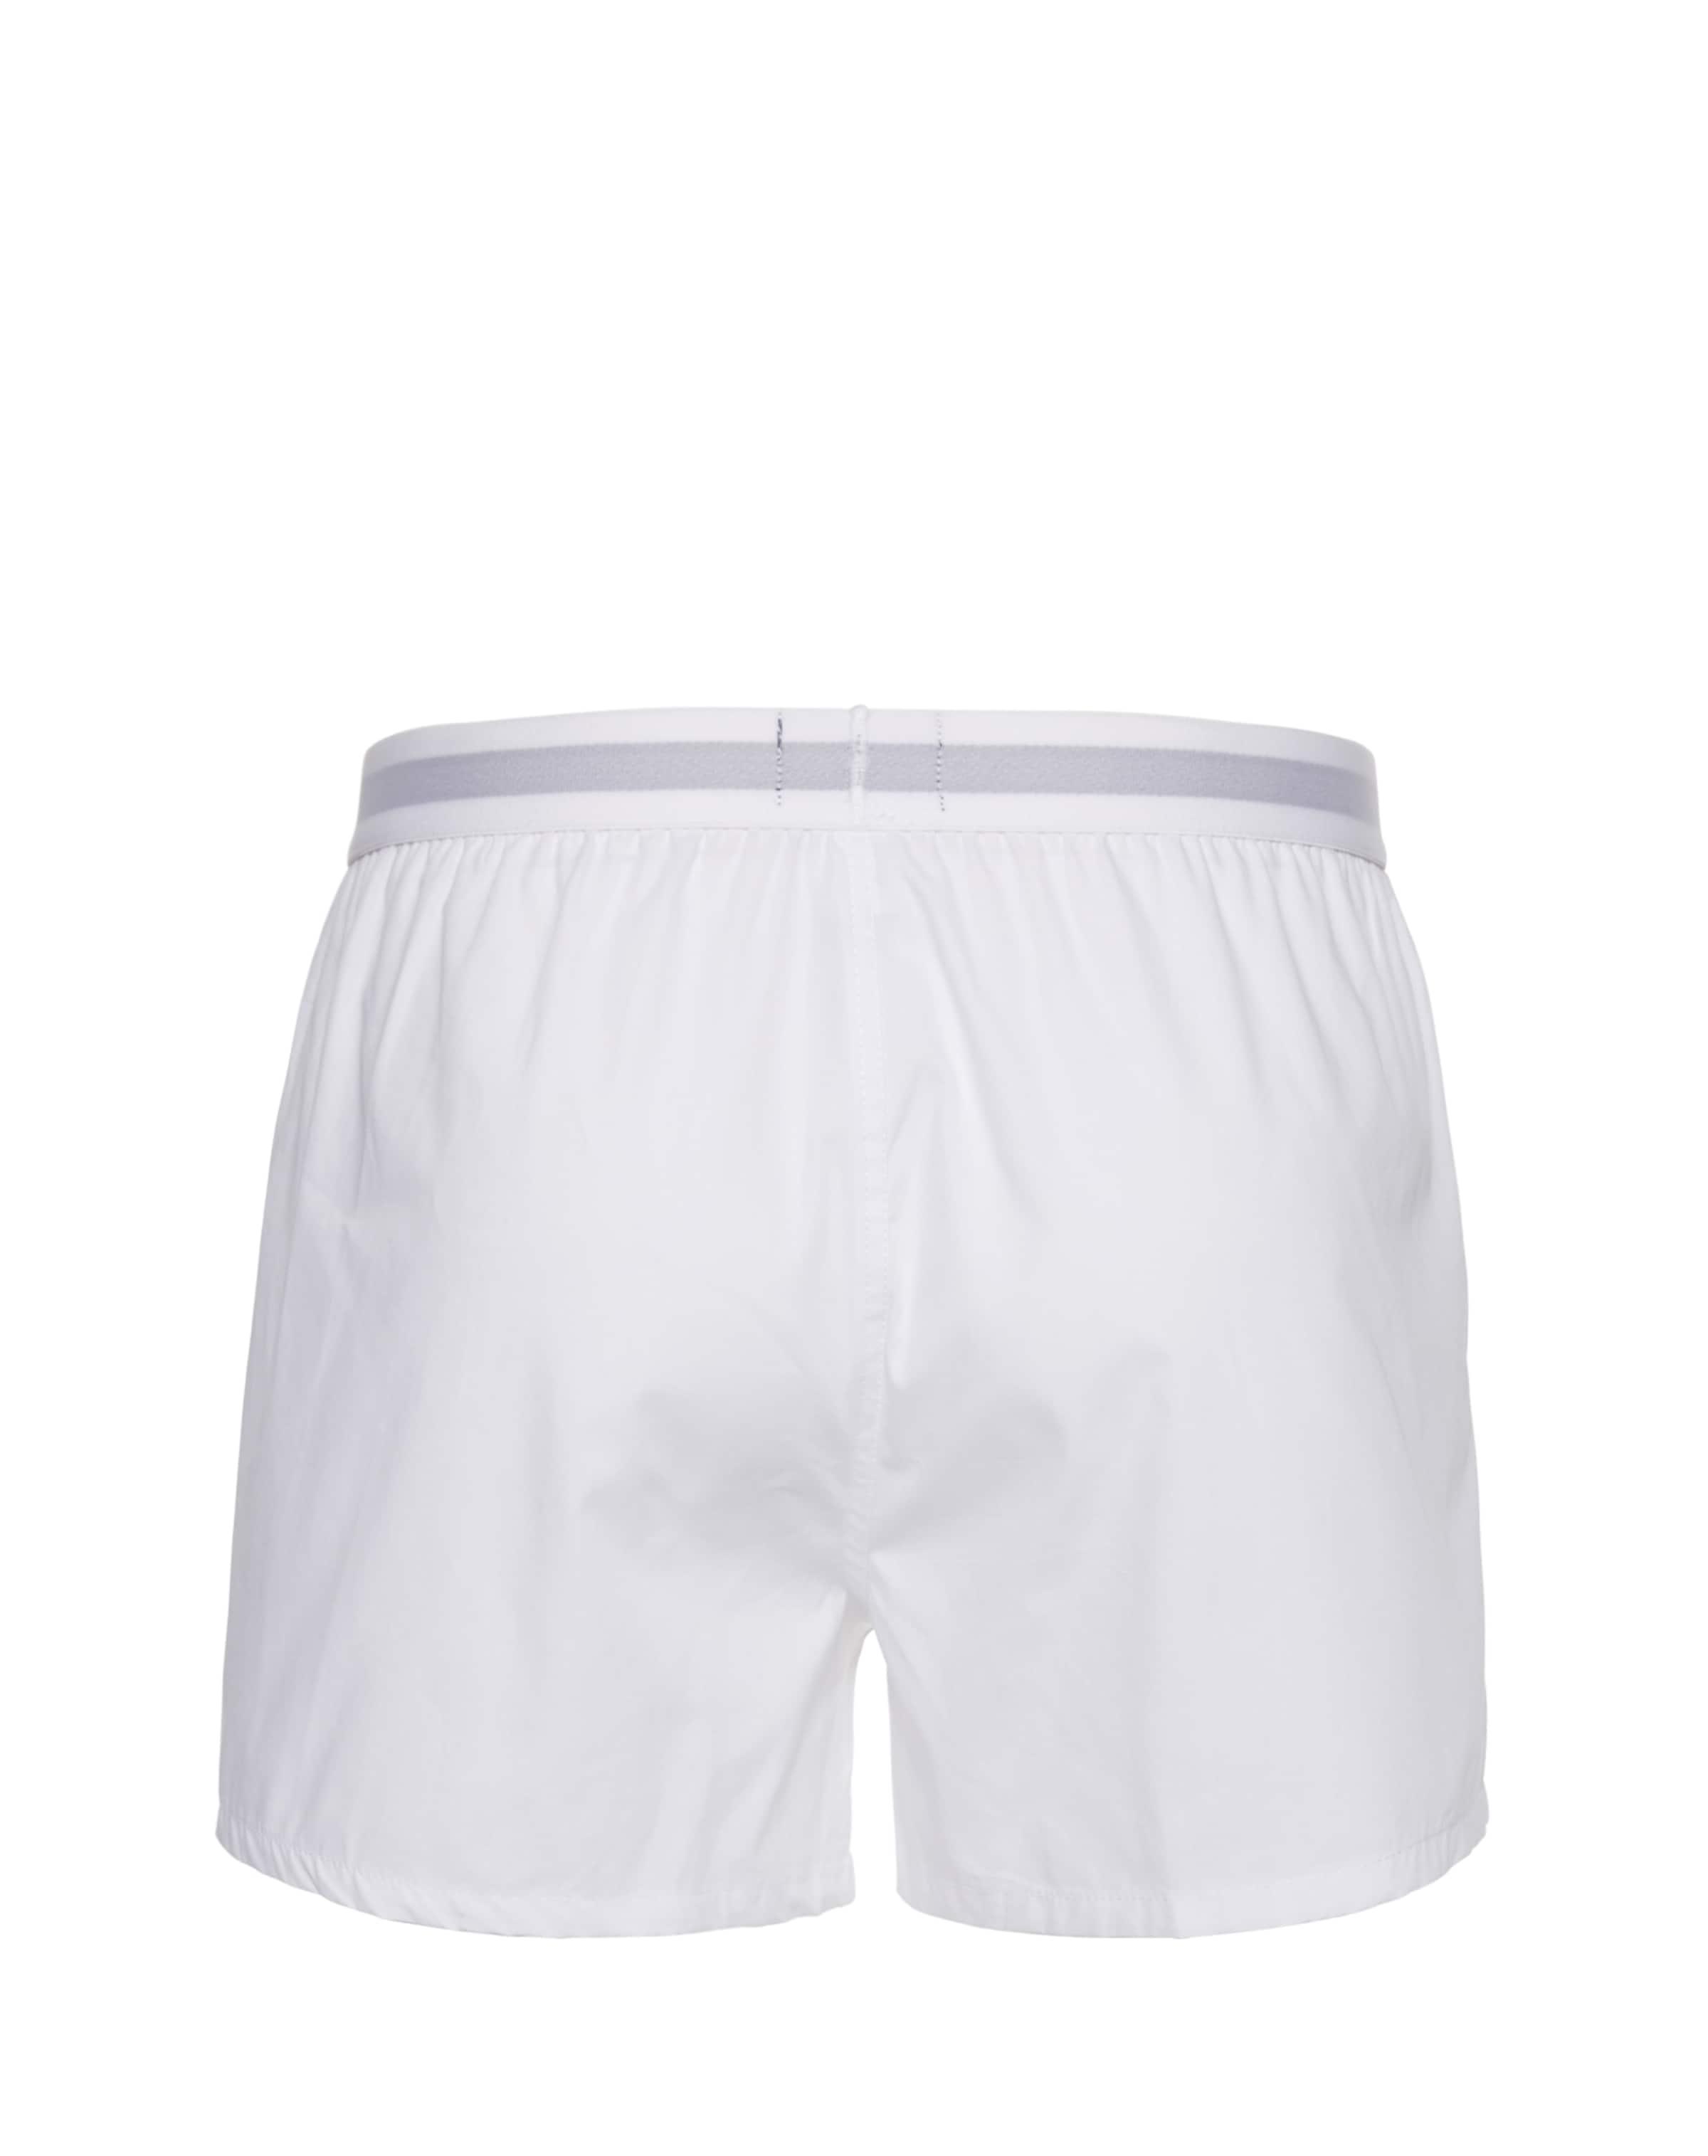 Tommy Hilfiger Underwear Boxershorts Verkaufen Kaufen UMHy0